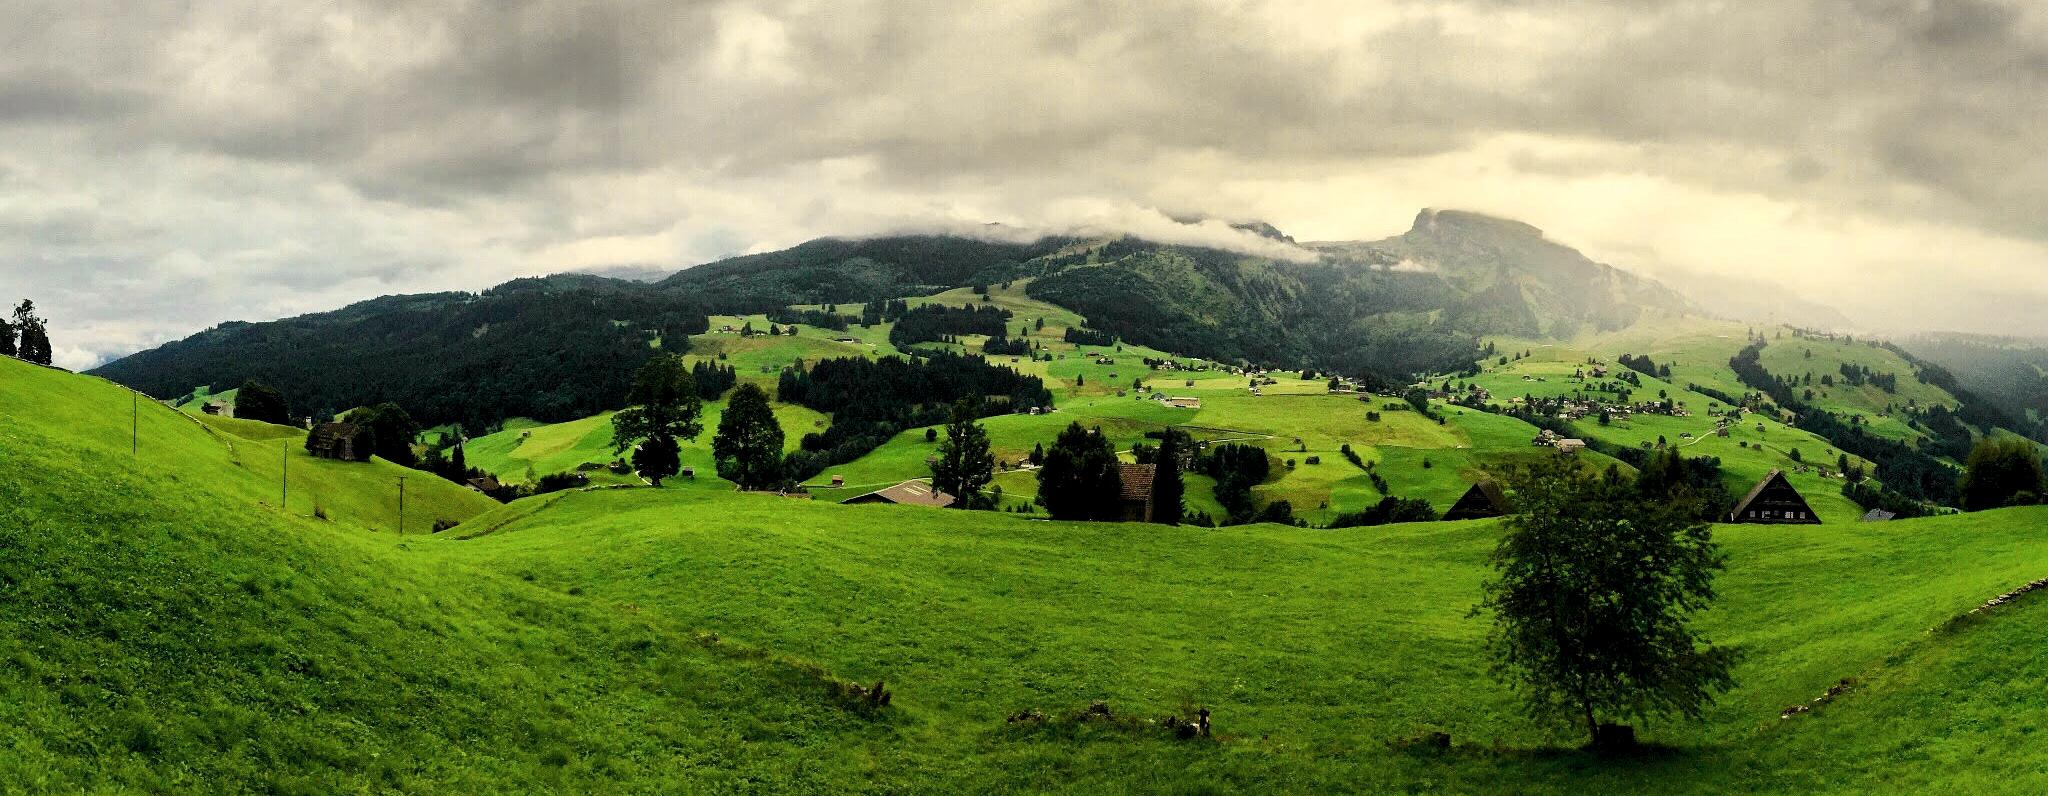 Wolken Toggenburg Schweiz Berge